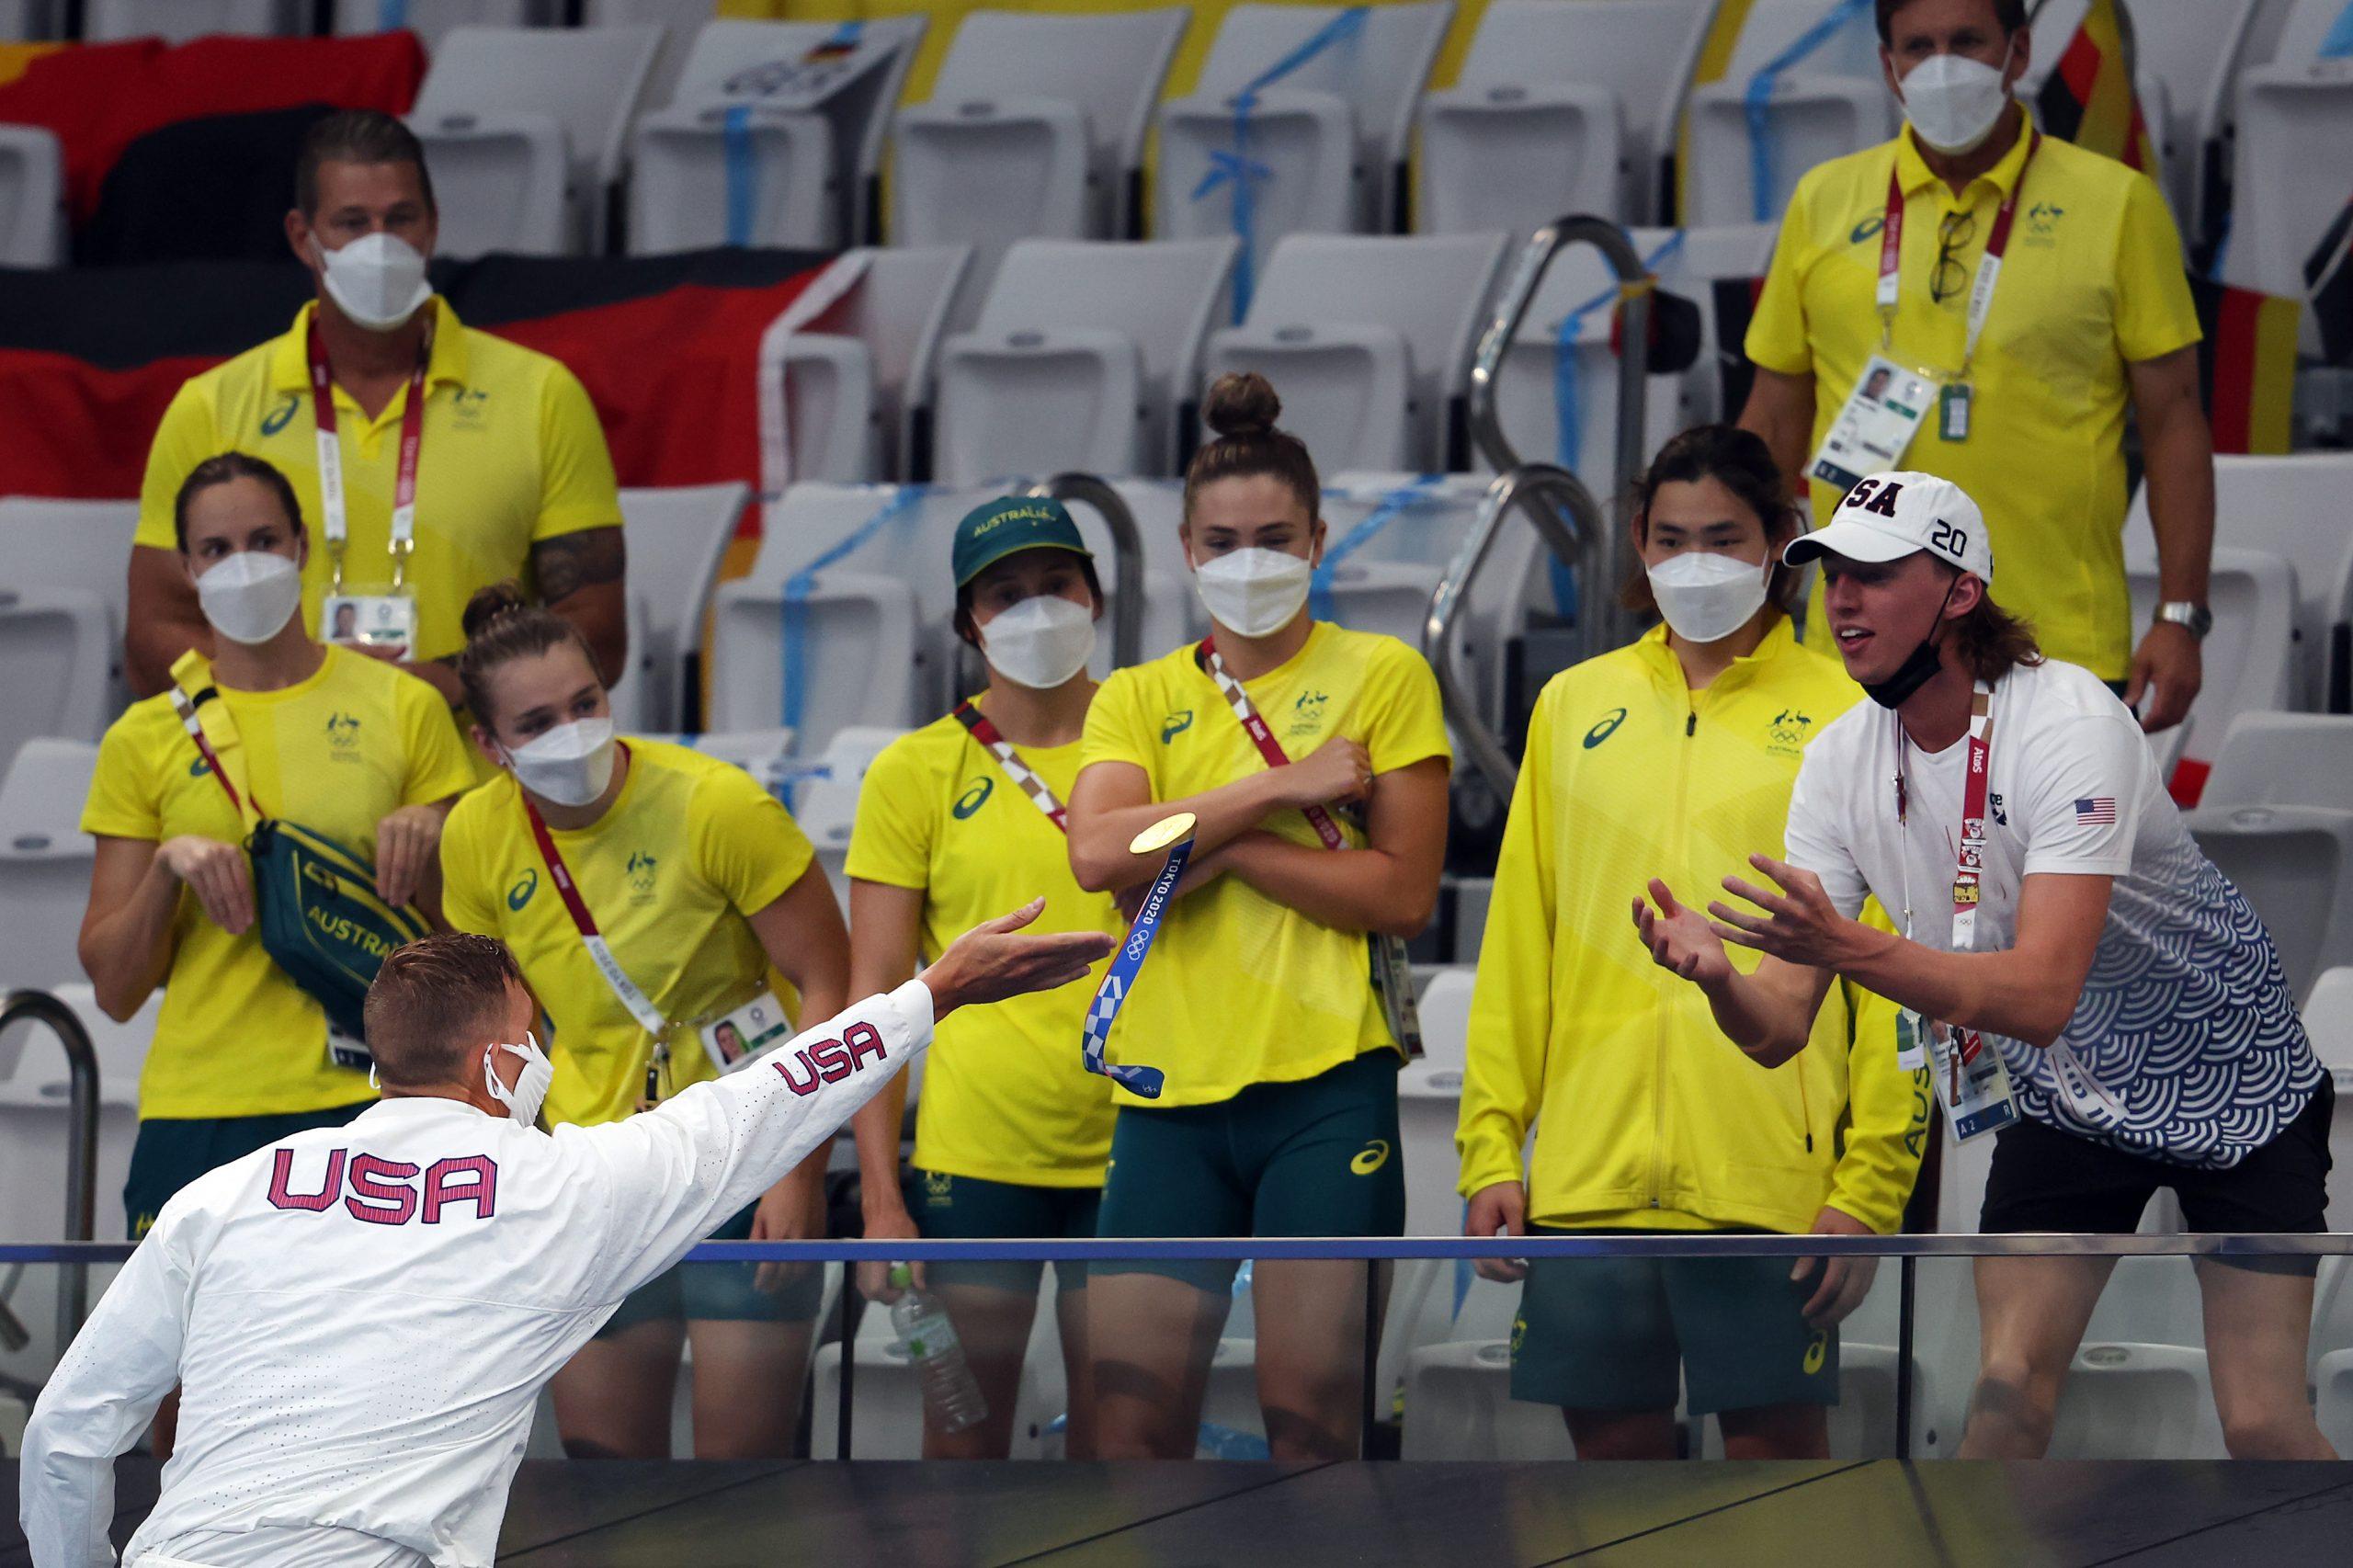 la otra cara de los Juegos Olímpicos de Tokio 2020